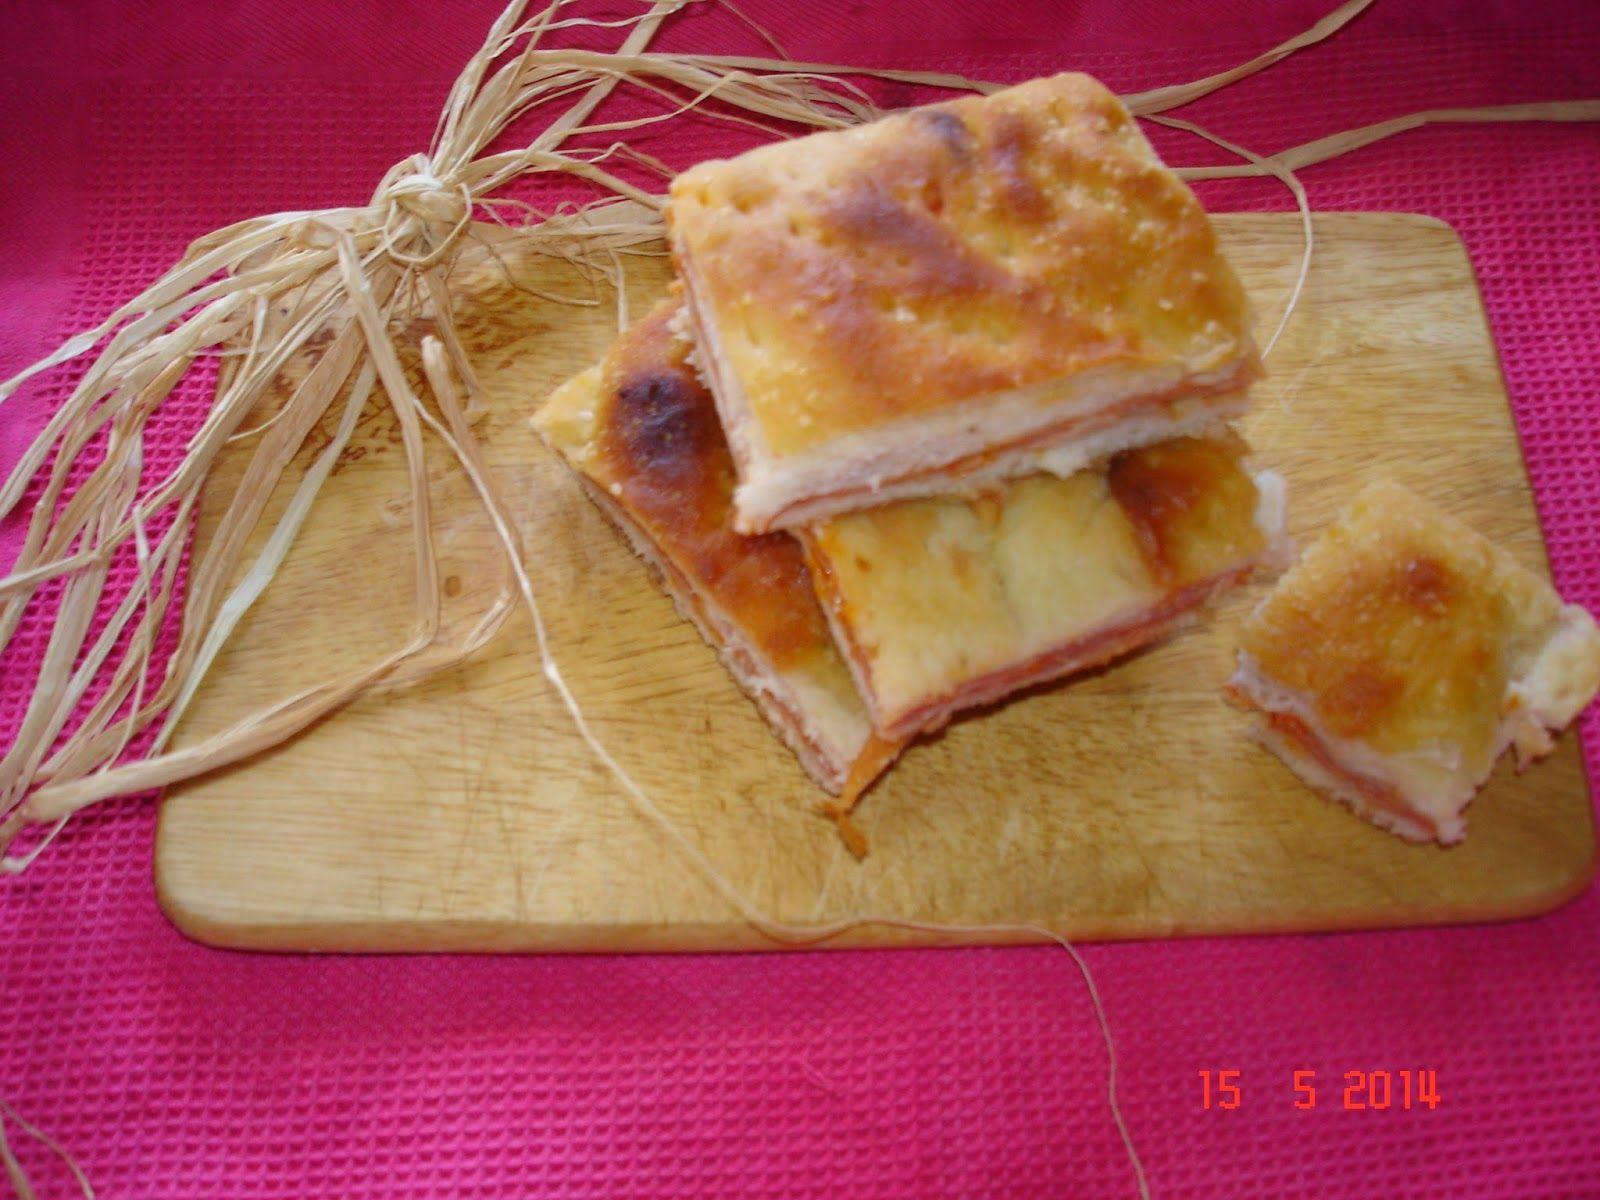 Favole a Merenda: Focaccia del nonno ripiena di prosciutto e formagg...